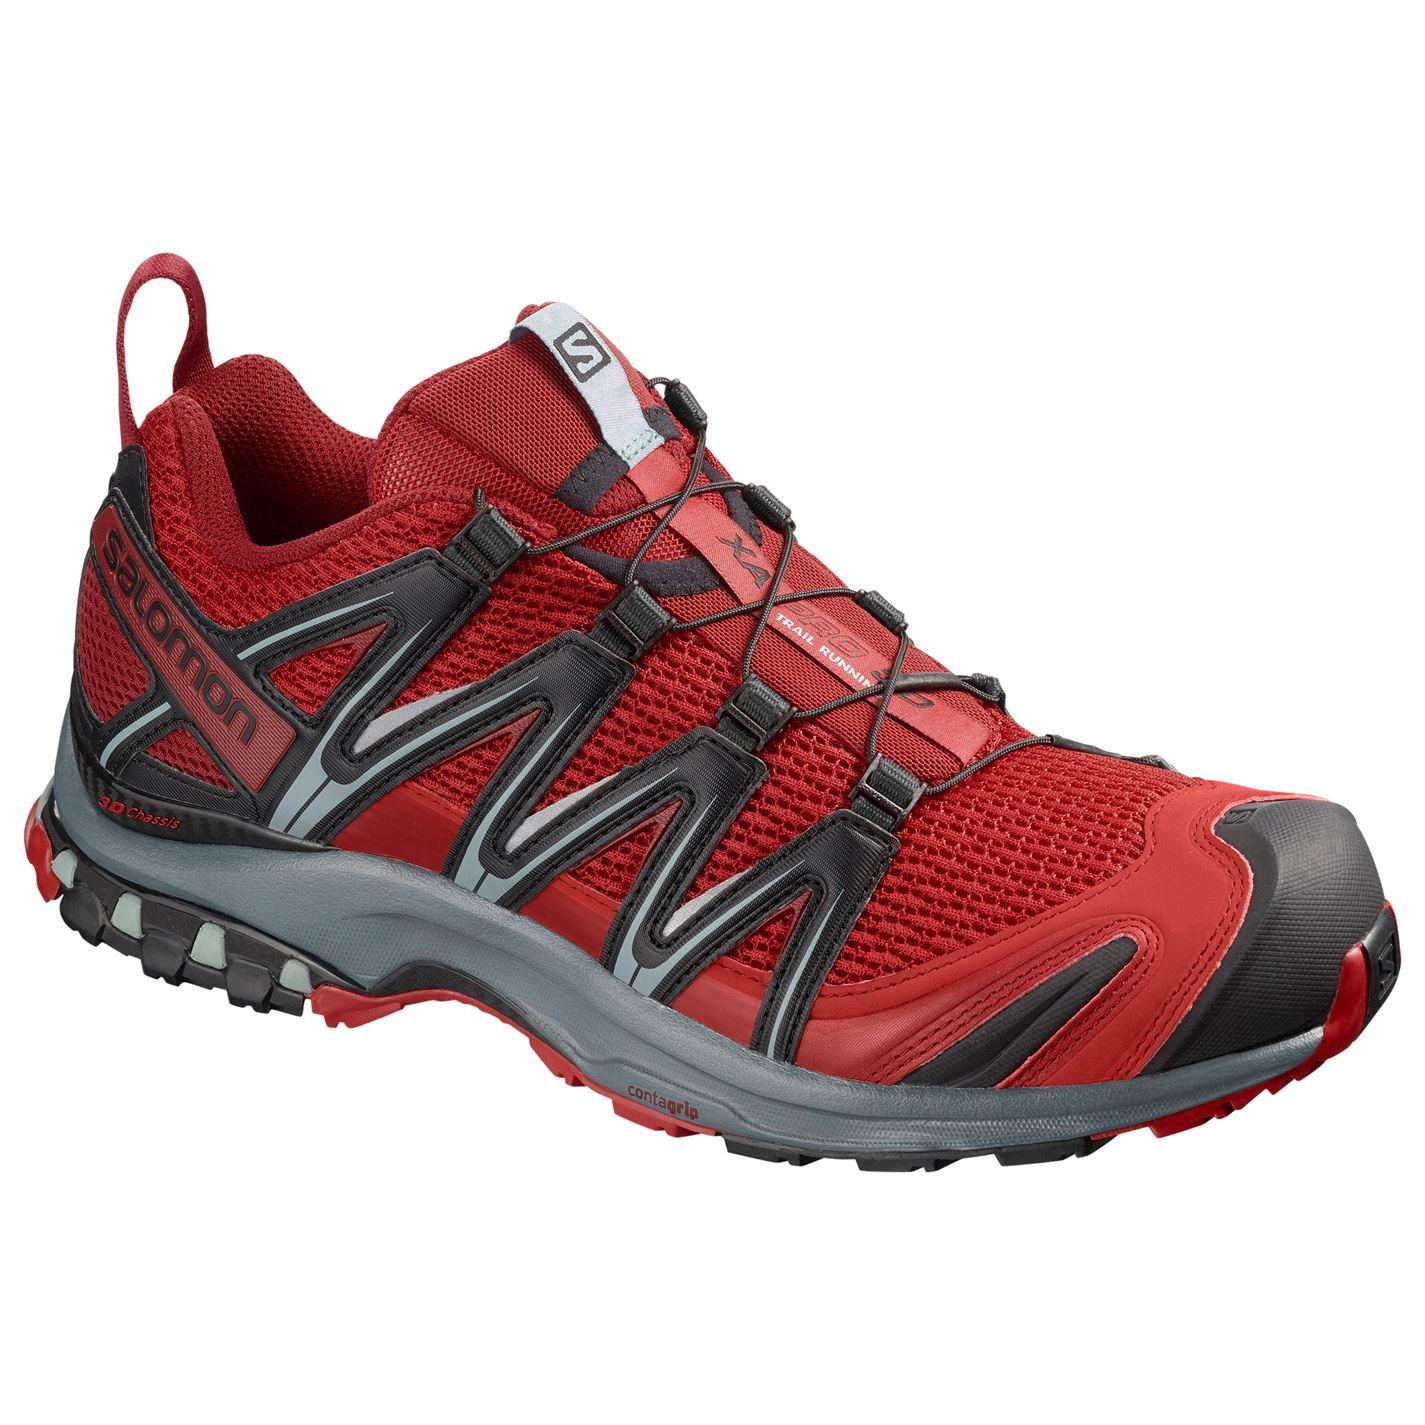 Salomon XA Pro 3D pánske bežecké topánky